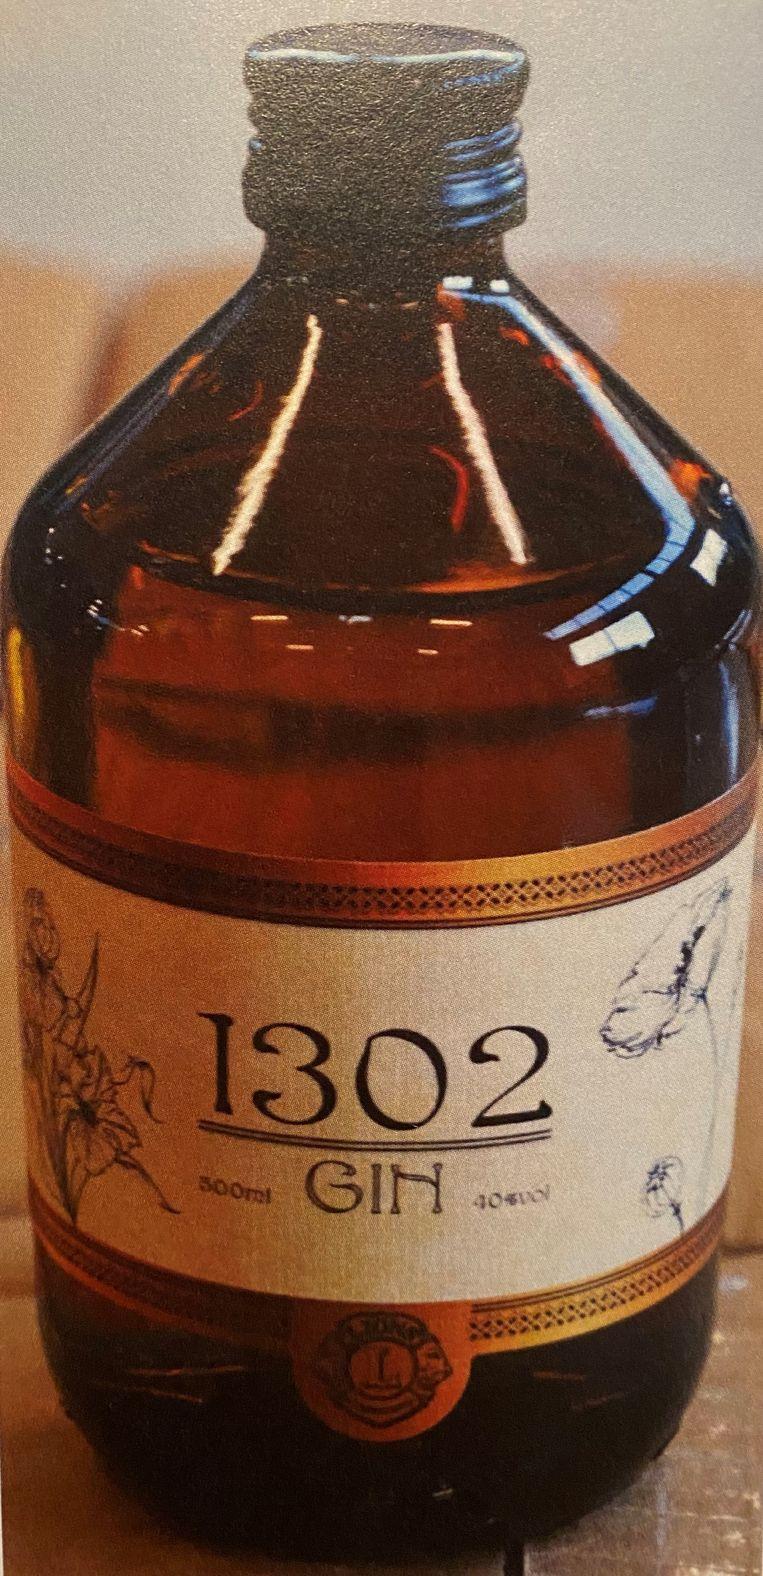 De gin 1302